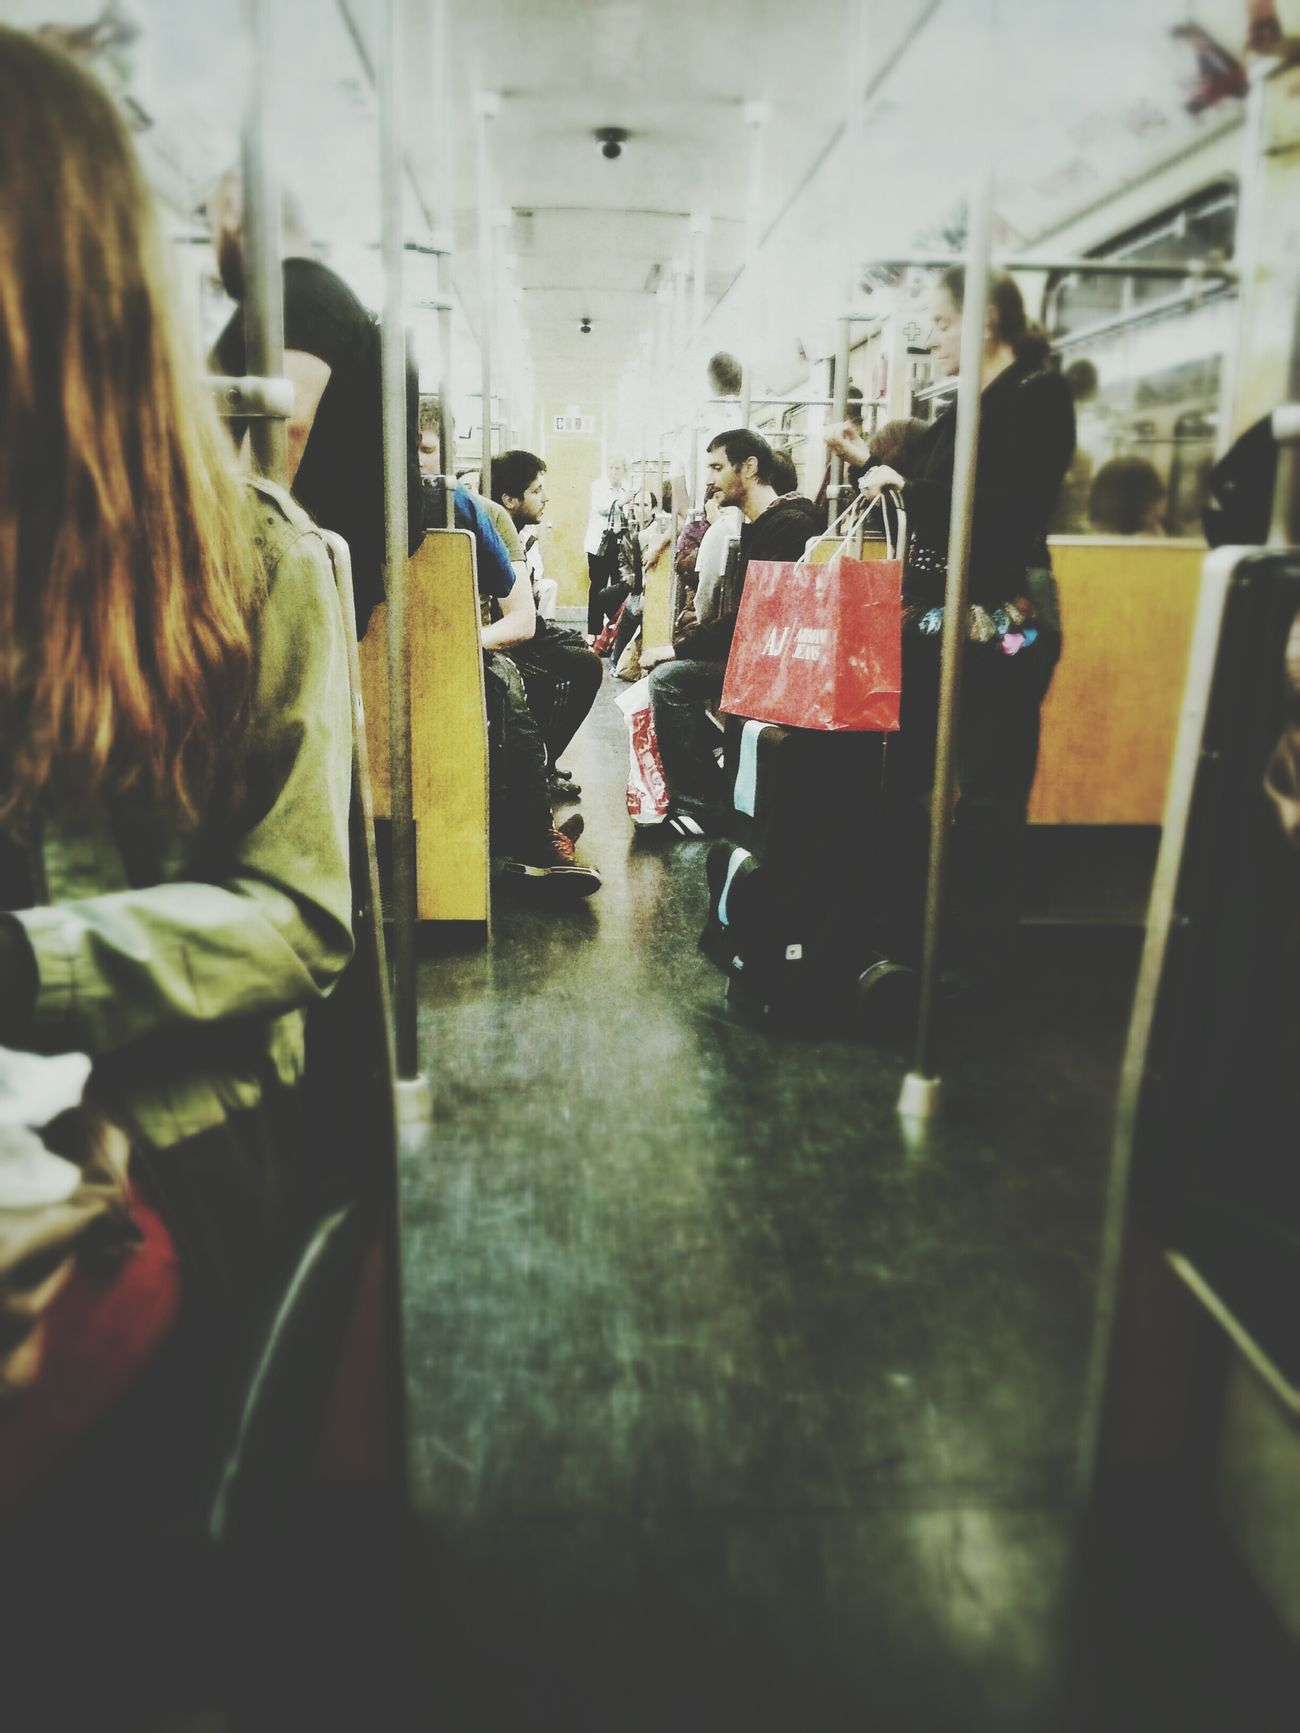 U-Bahn Nürnberg U1 Goho